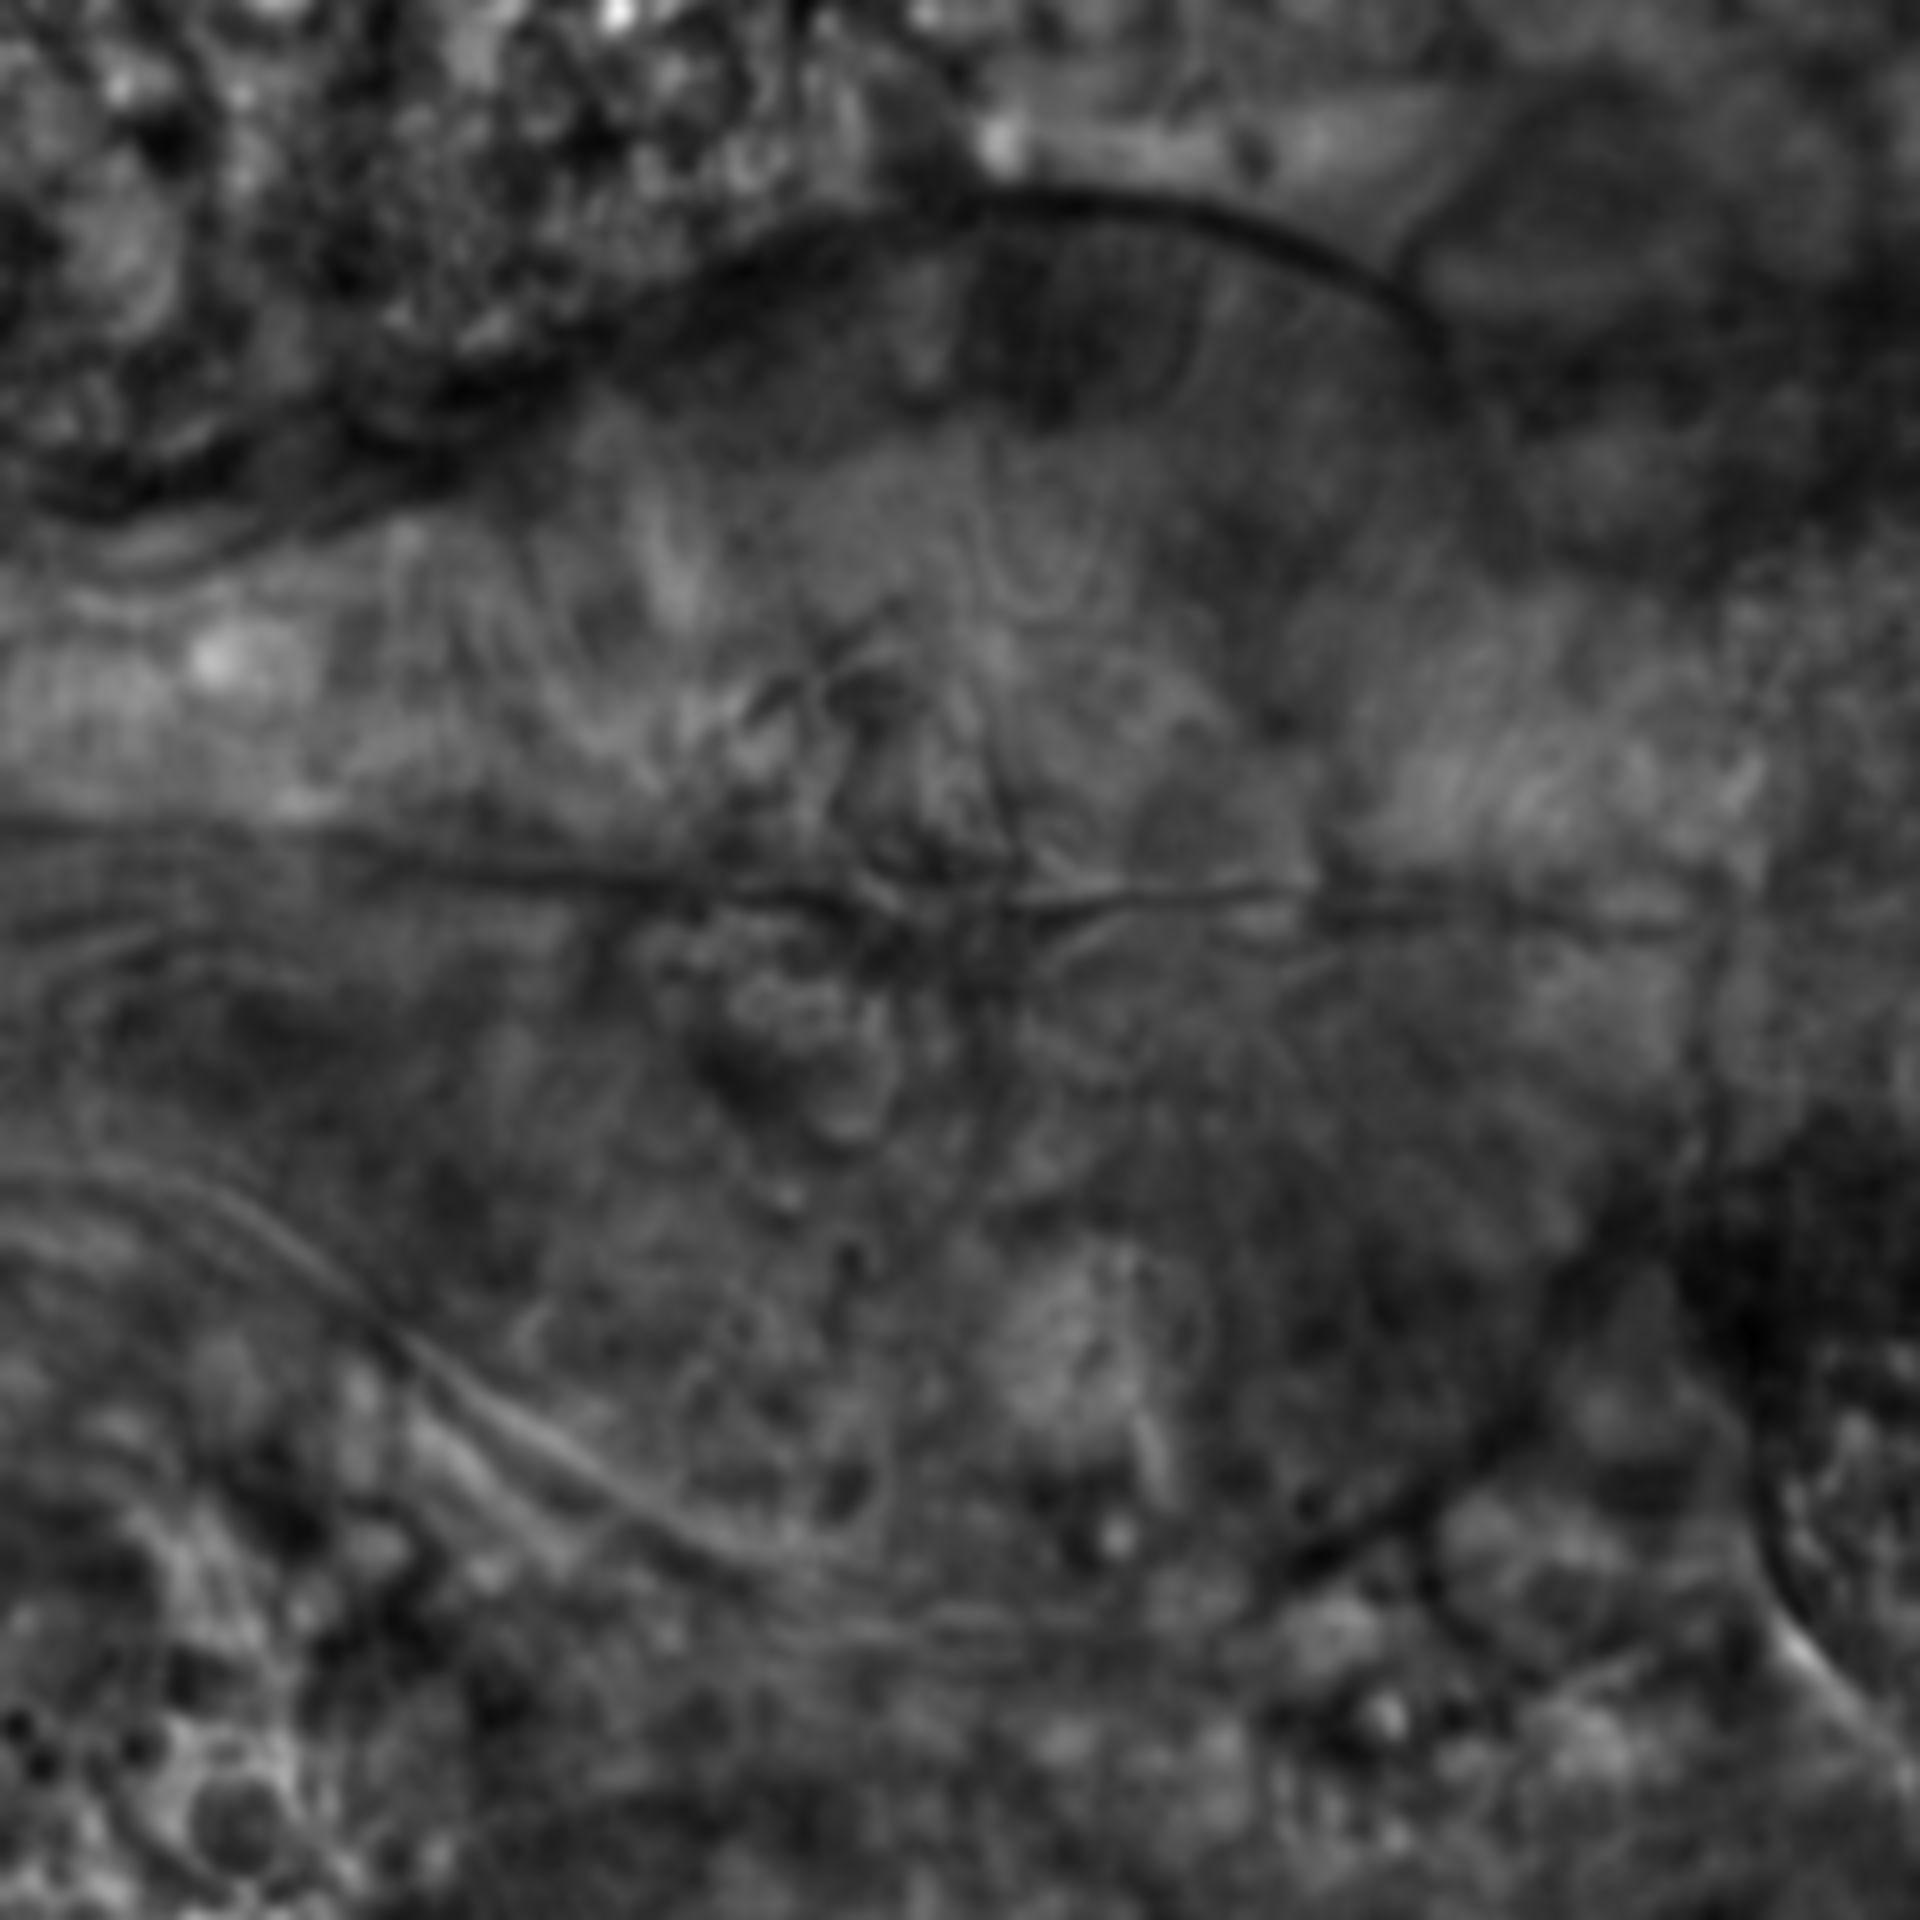 Caenorhabditis elegans - CIL:2150